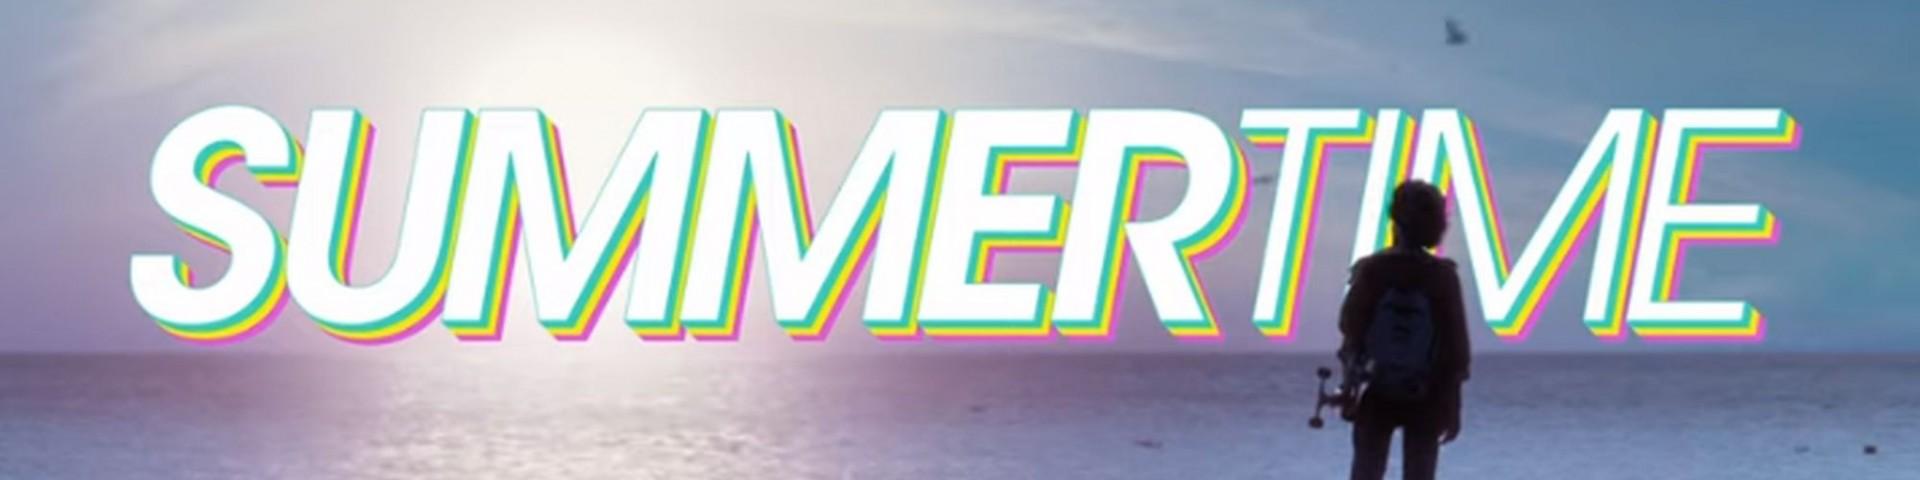 Summertime 2: come partecipare al casting